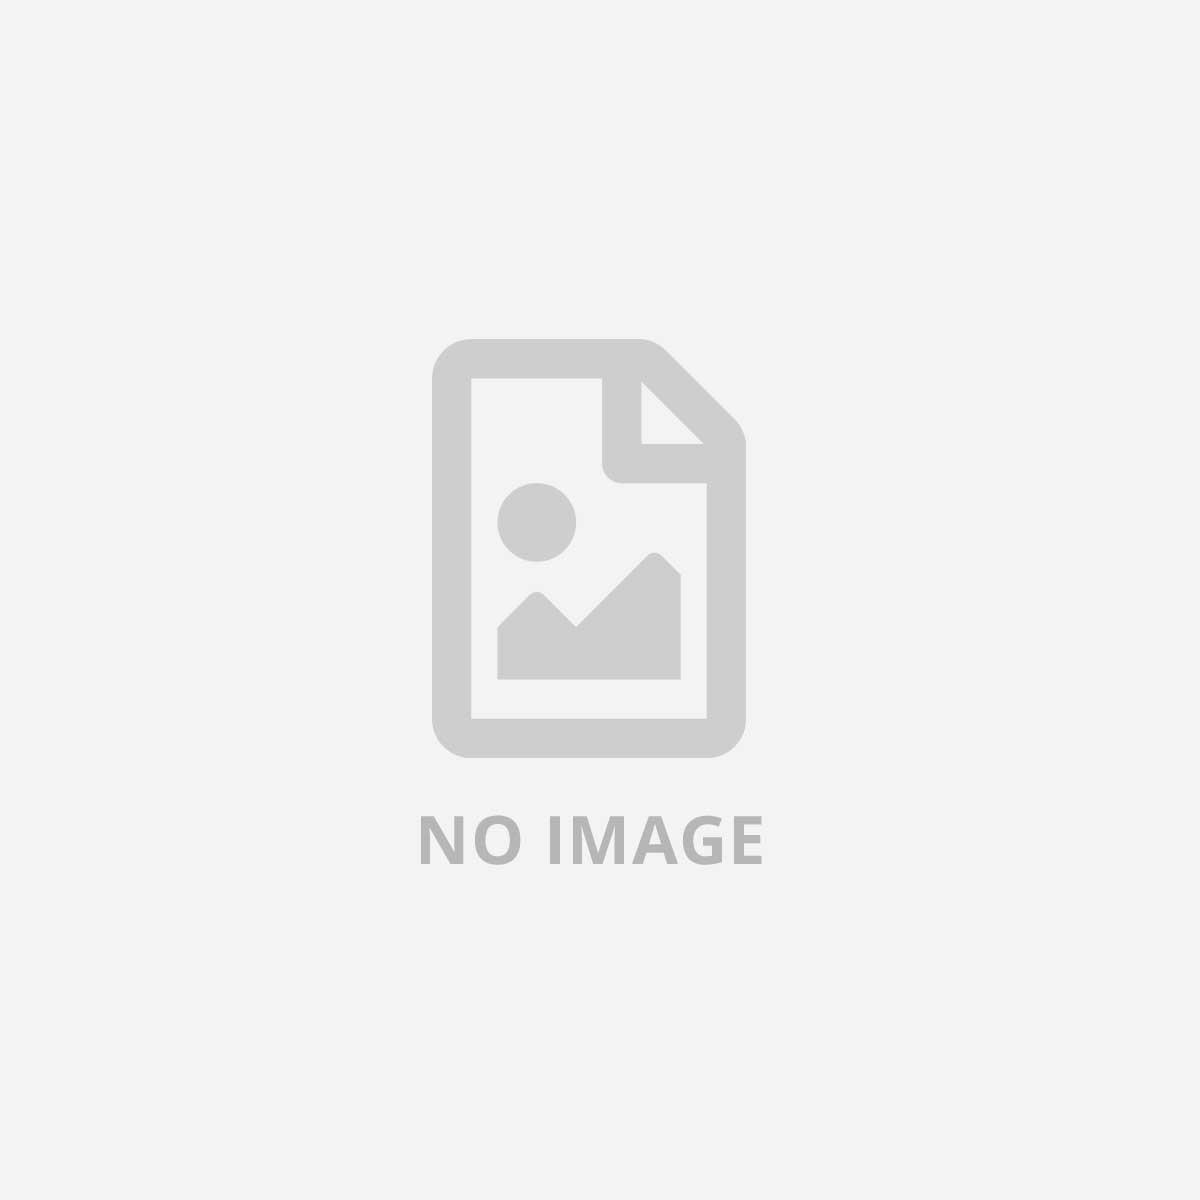 KASPERSKY KAS SECUR FOR MS OFFICE 365 (50-99)